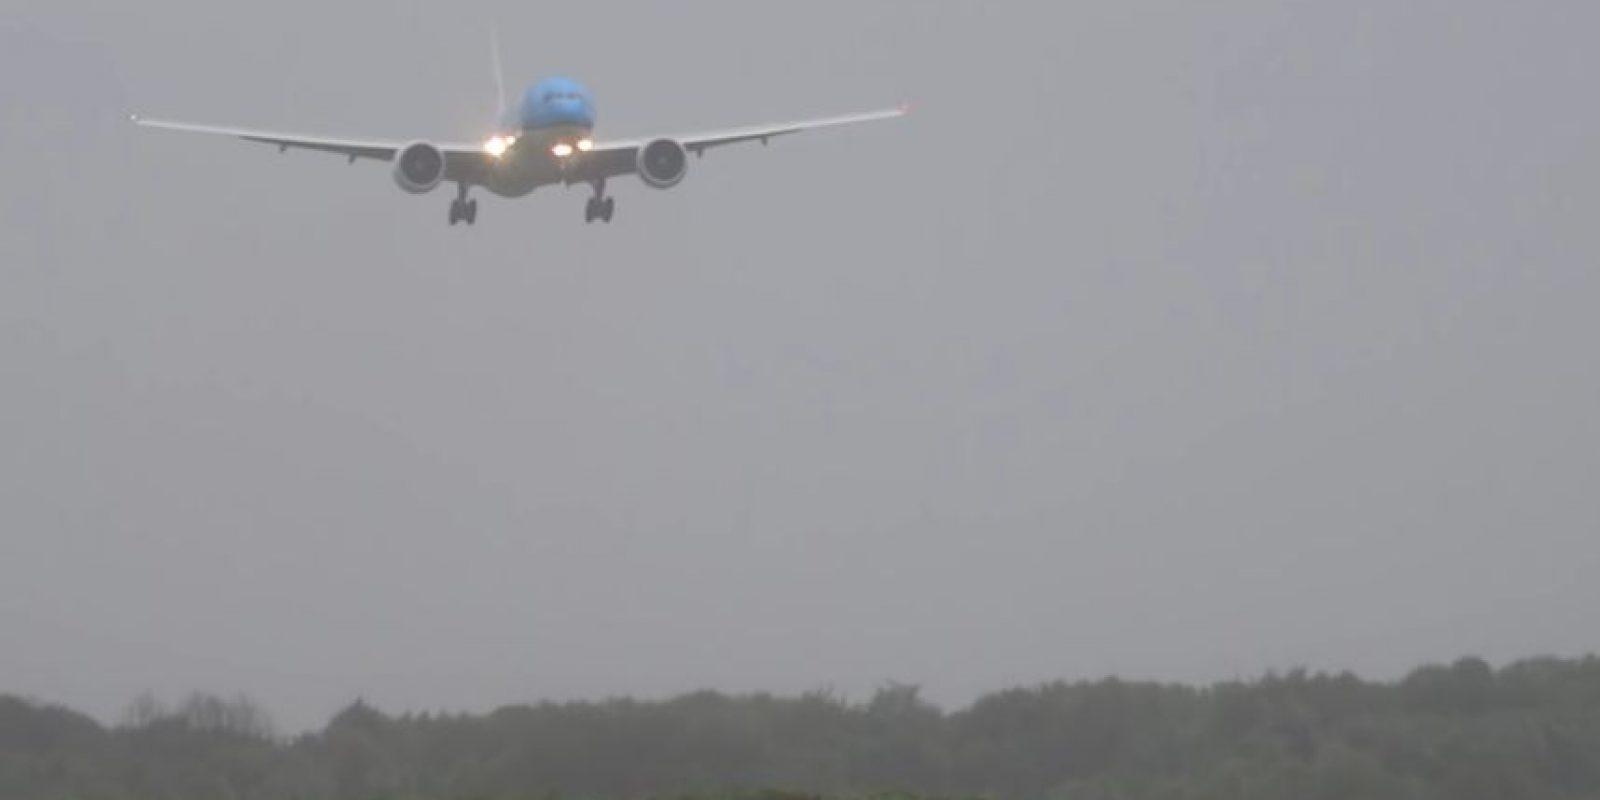 En julio, un avión de pasajeros de KLM aterrizó con dificultad en Amsterdam. Foto:Vía Youtube